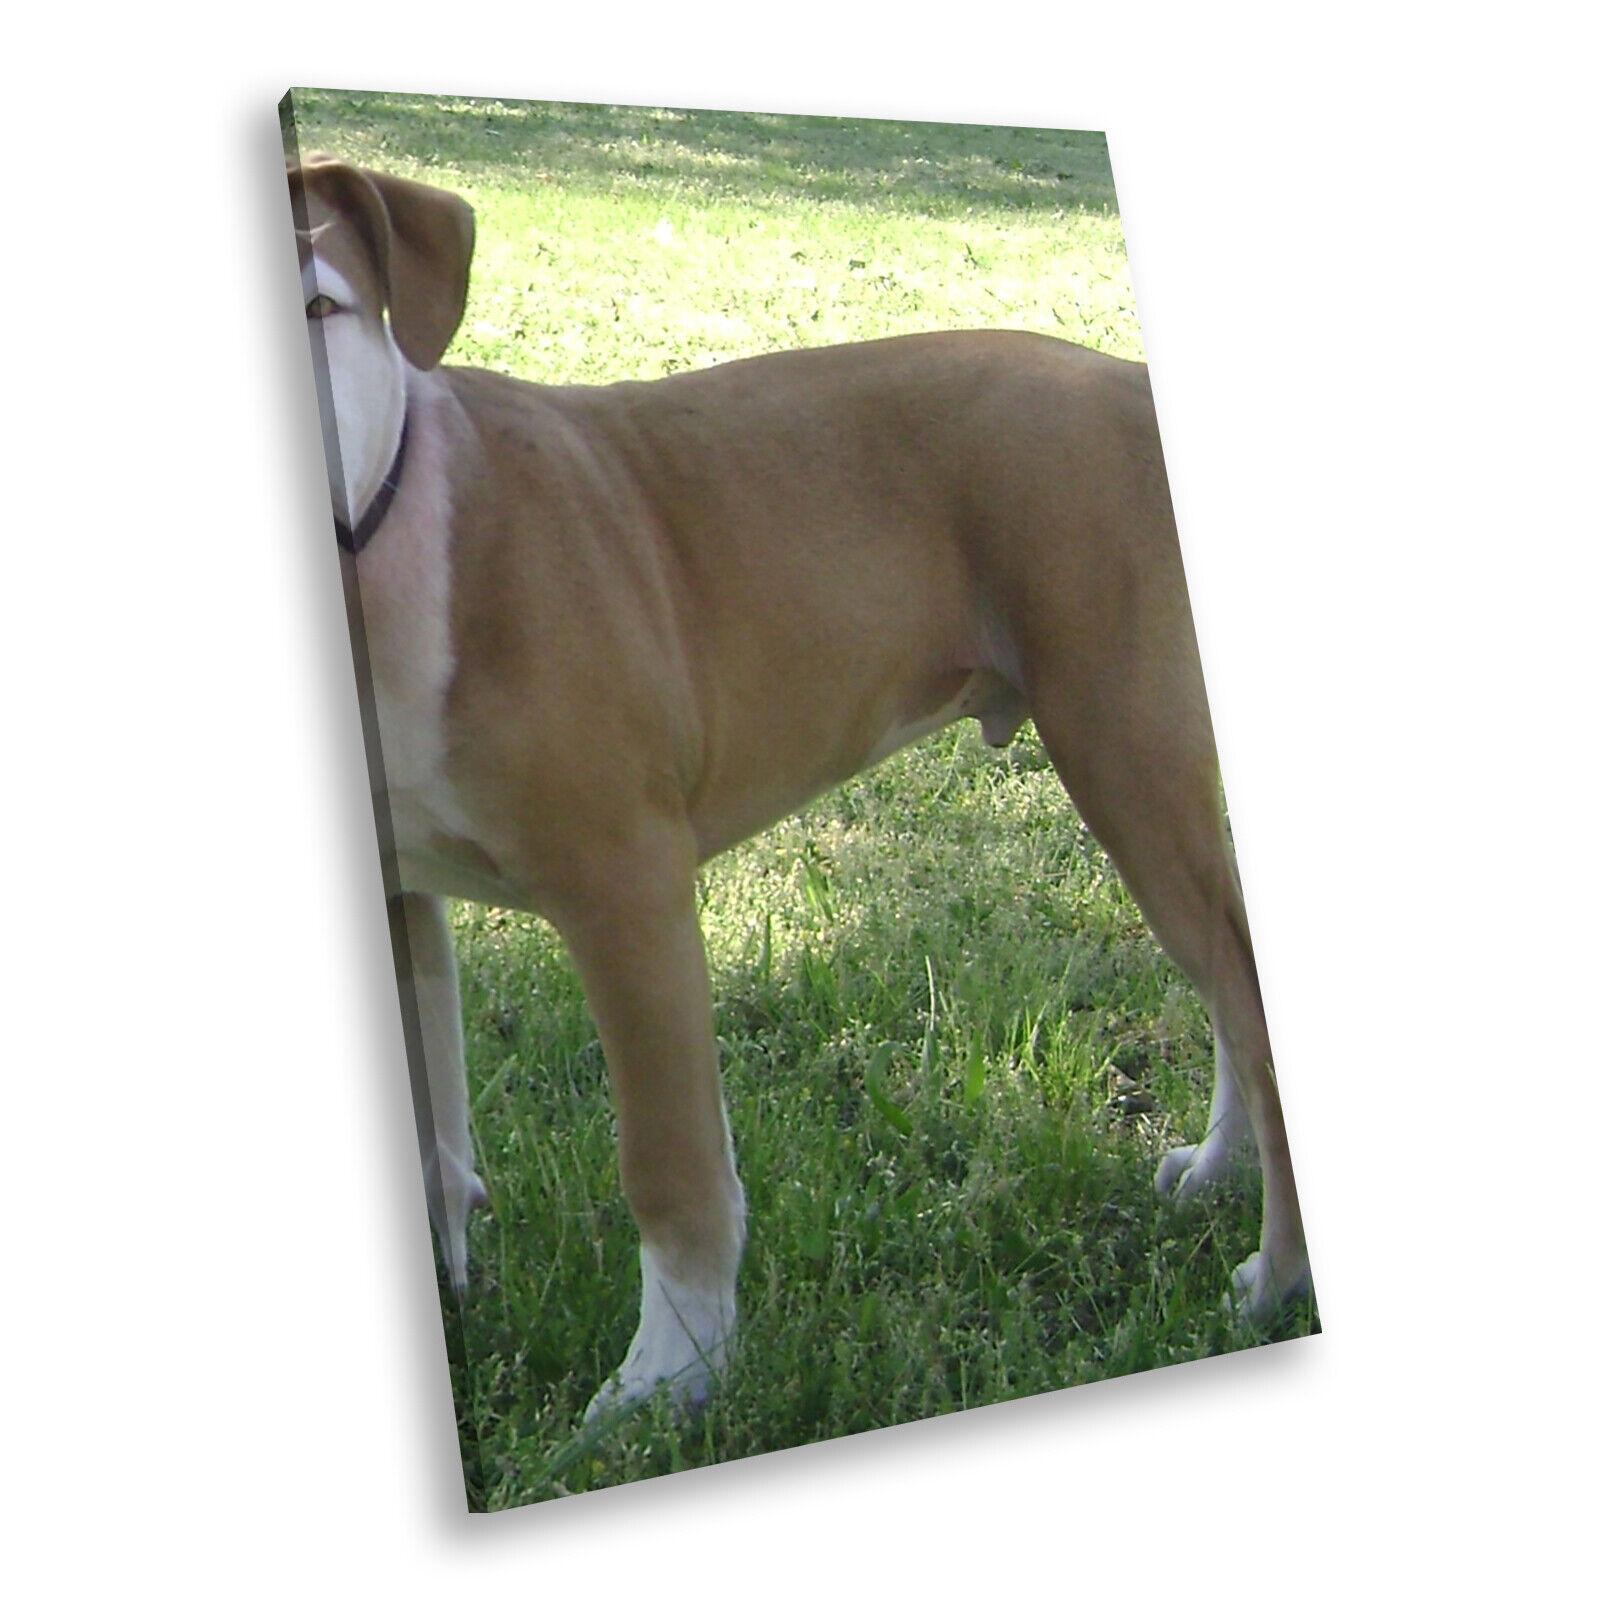 braun Weiß Puppy Hund  Portrait Animal Canvas Framed Kunst Large Bild